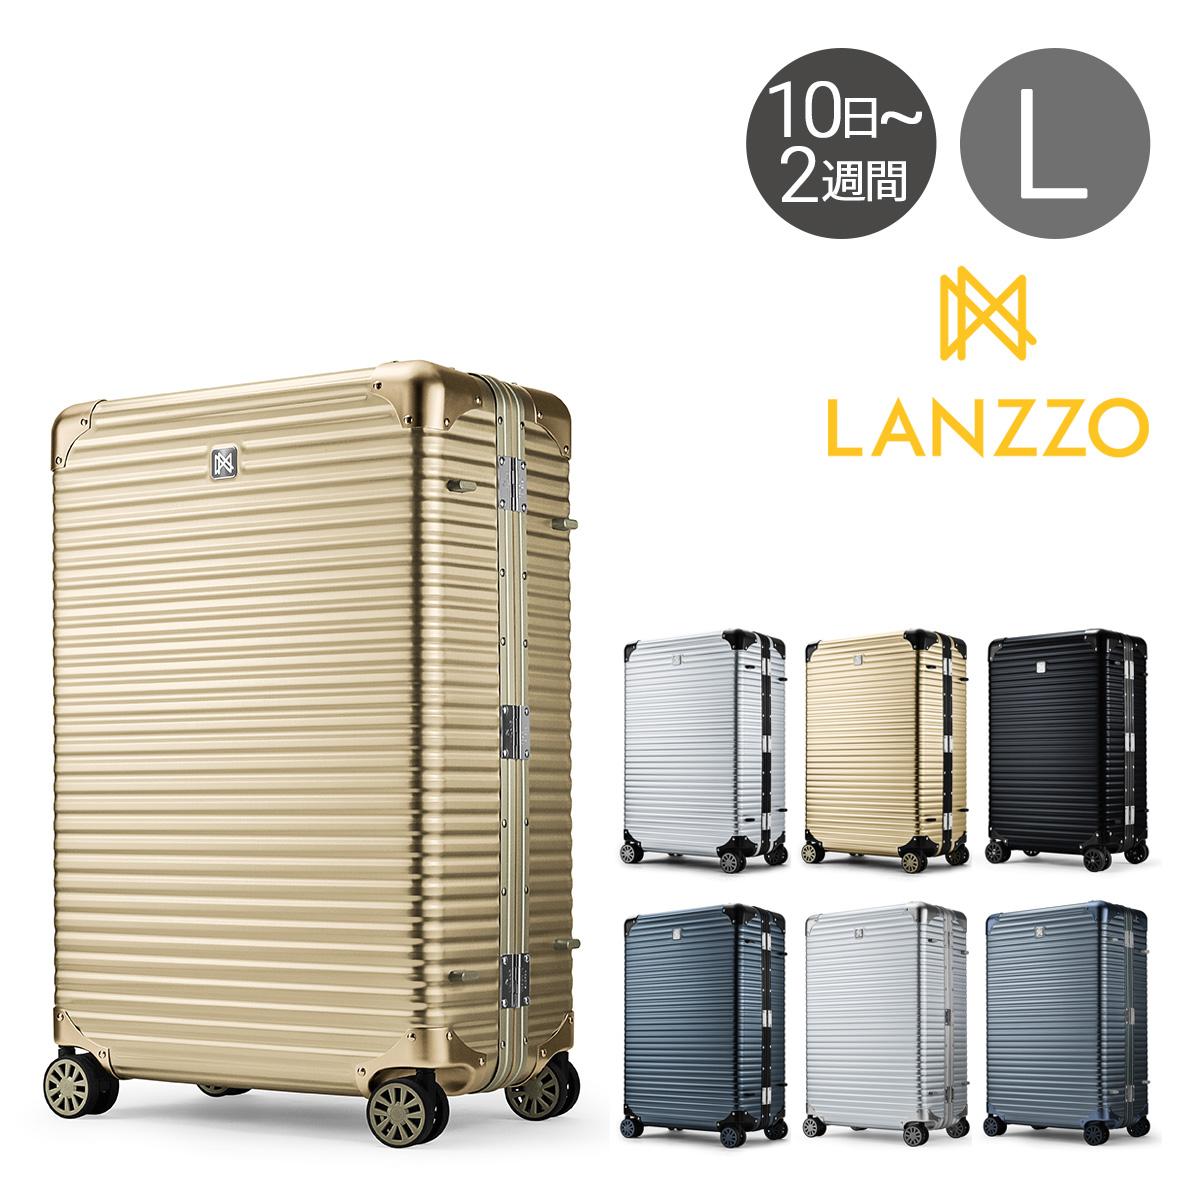 ランツォ スーツケース ノーマン 29インチ|87L 70cm 7kg|アルミニウム合金 5年保証 アルミ ハード フレーム TSAロック搭載 LANZZO [bef][PO10]